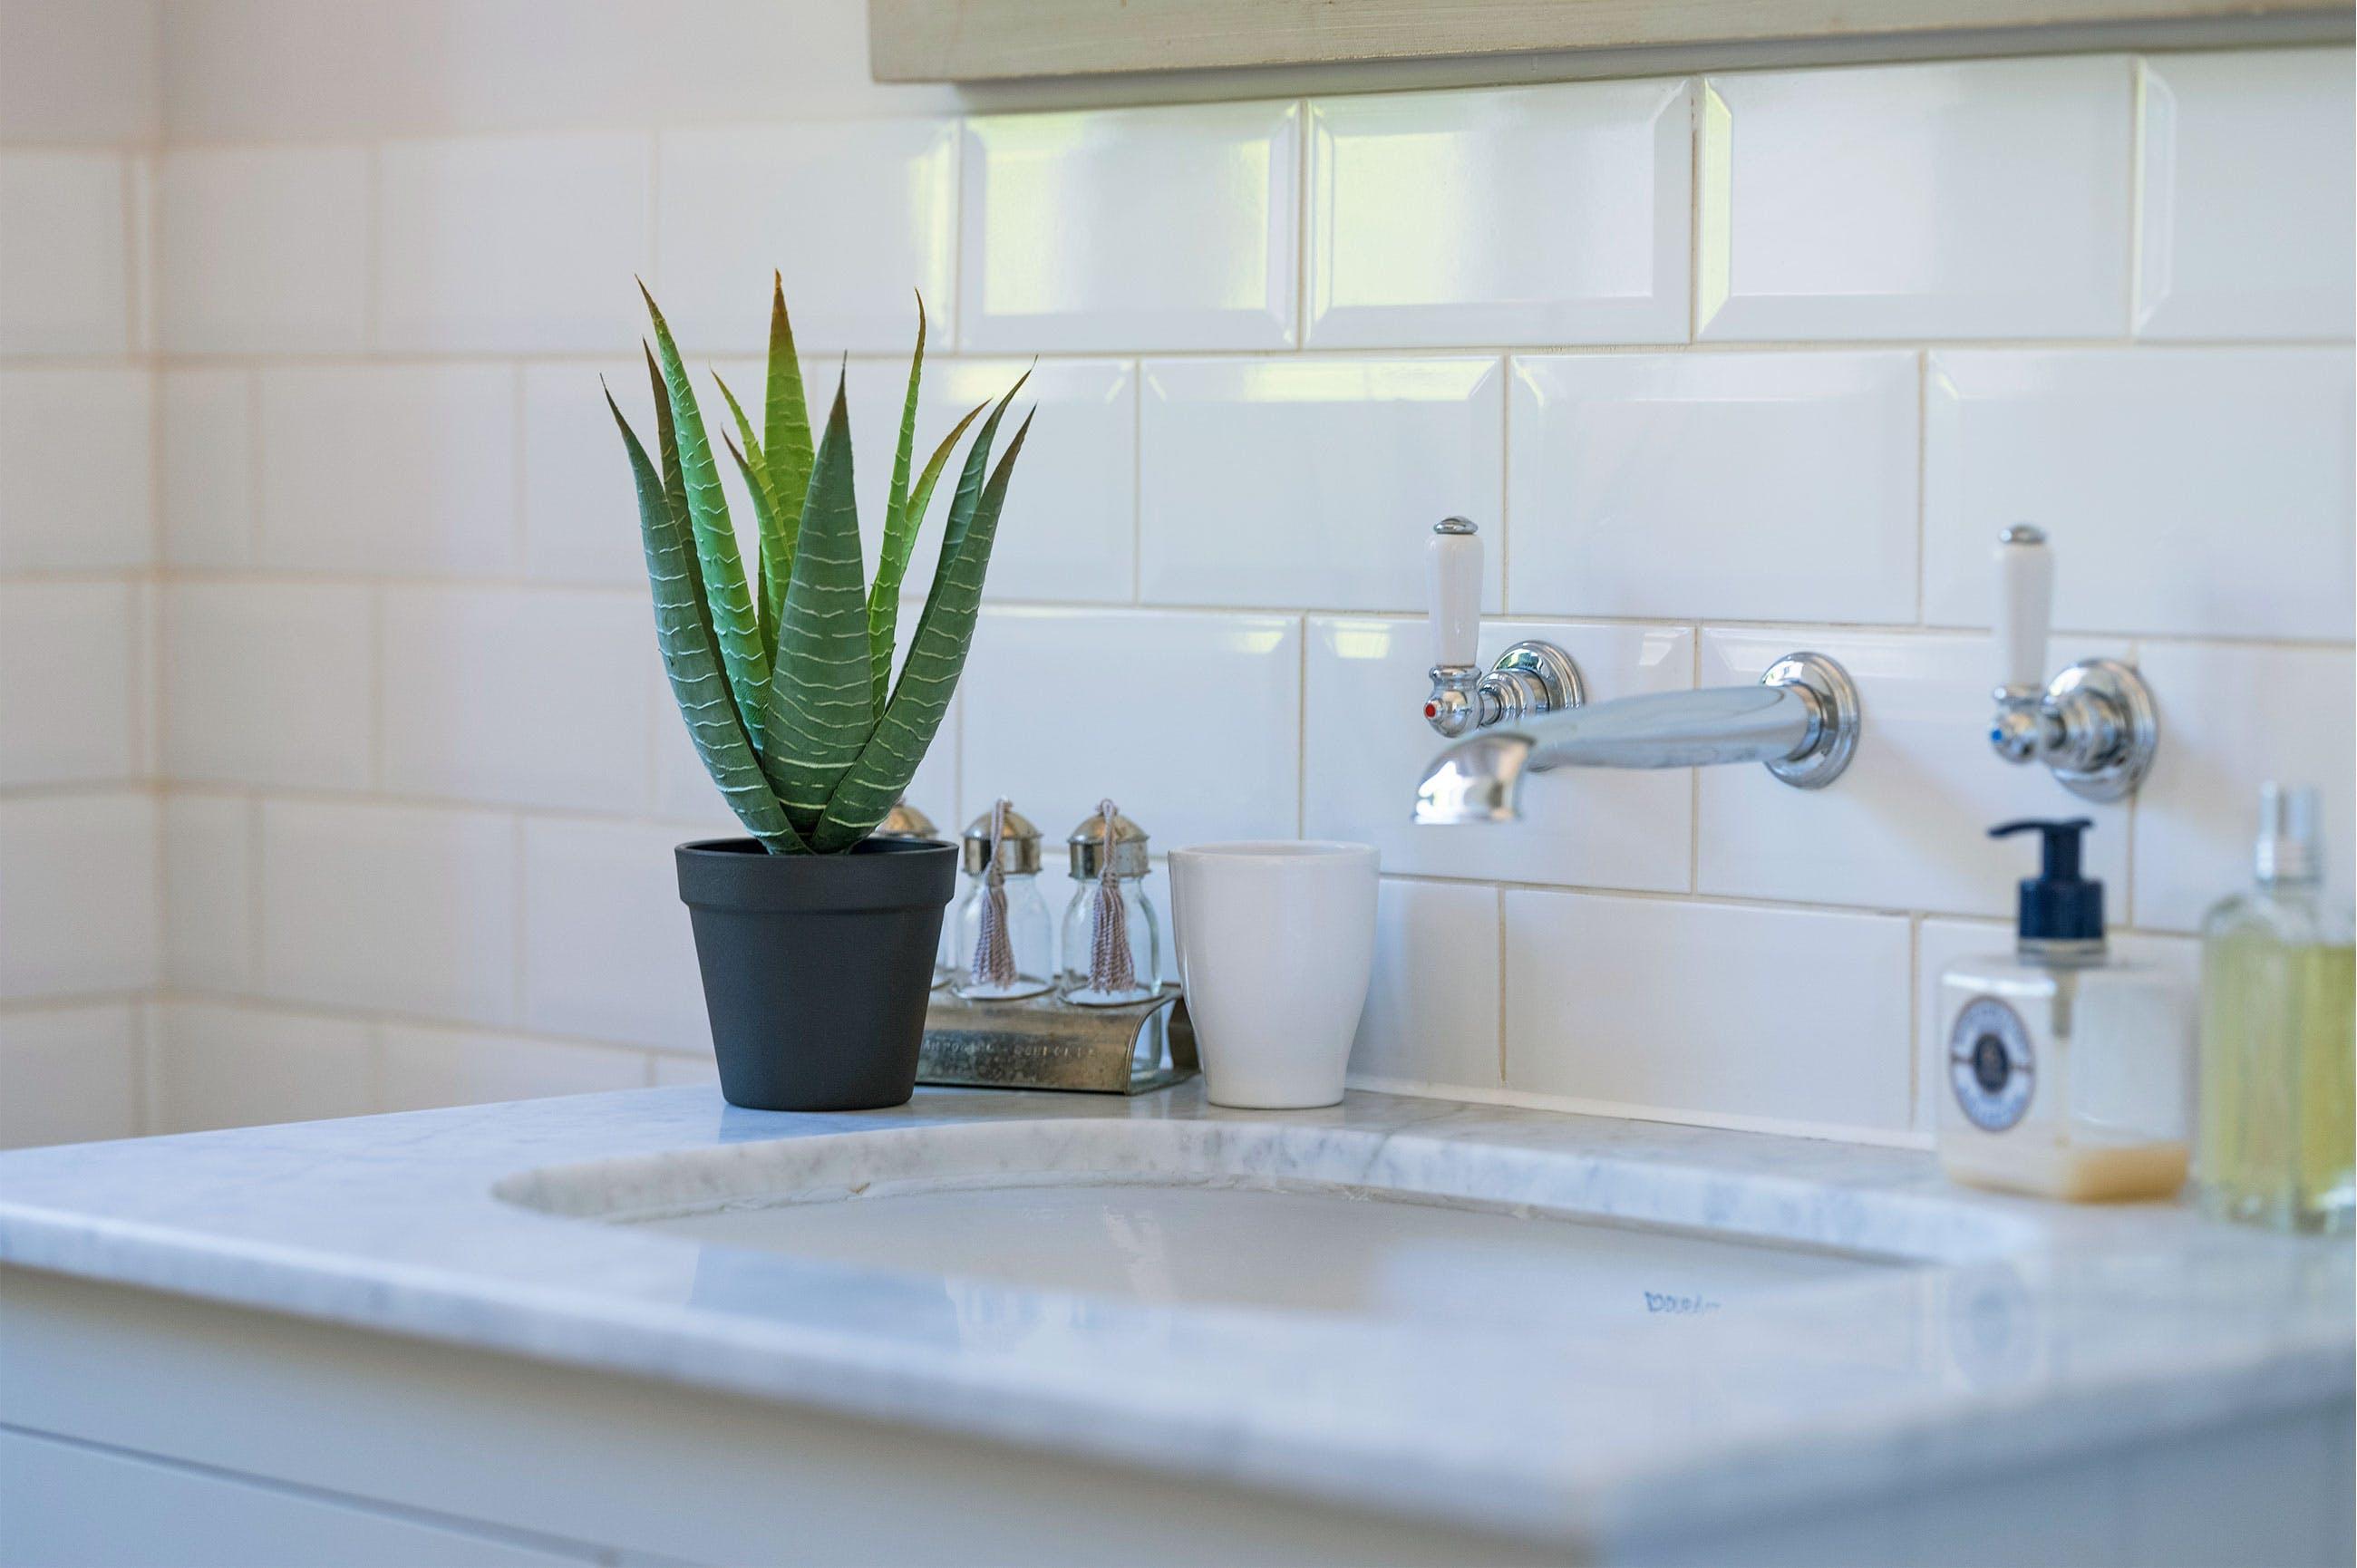 Aloe Vera on a bathroom sink countertop